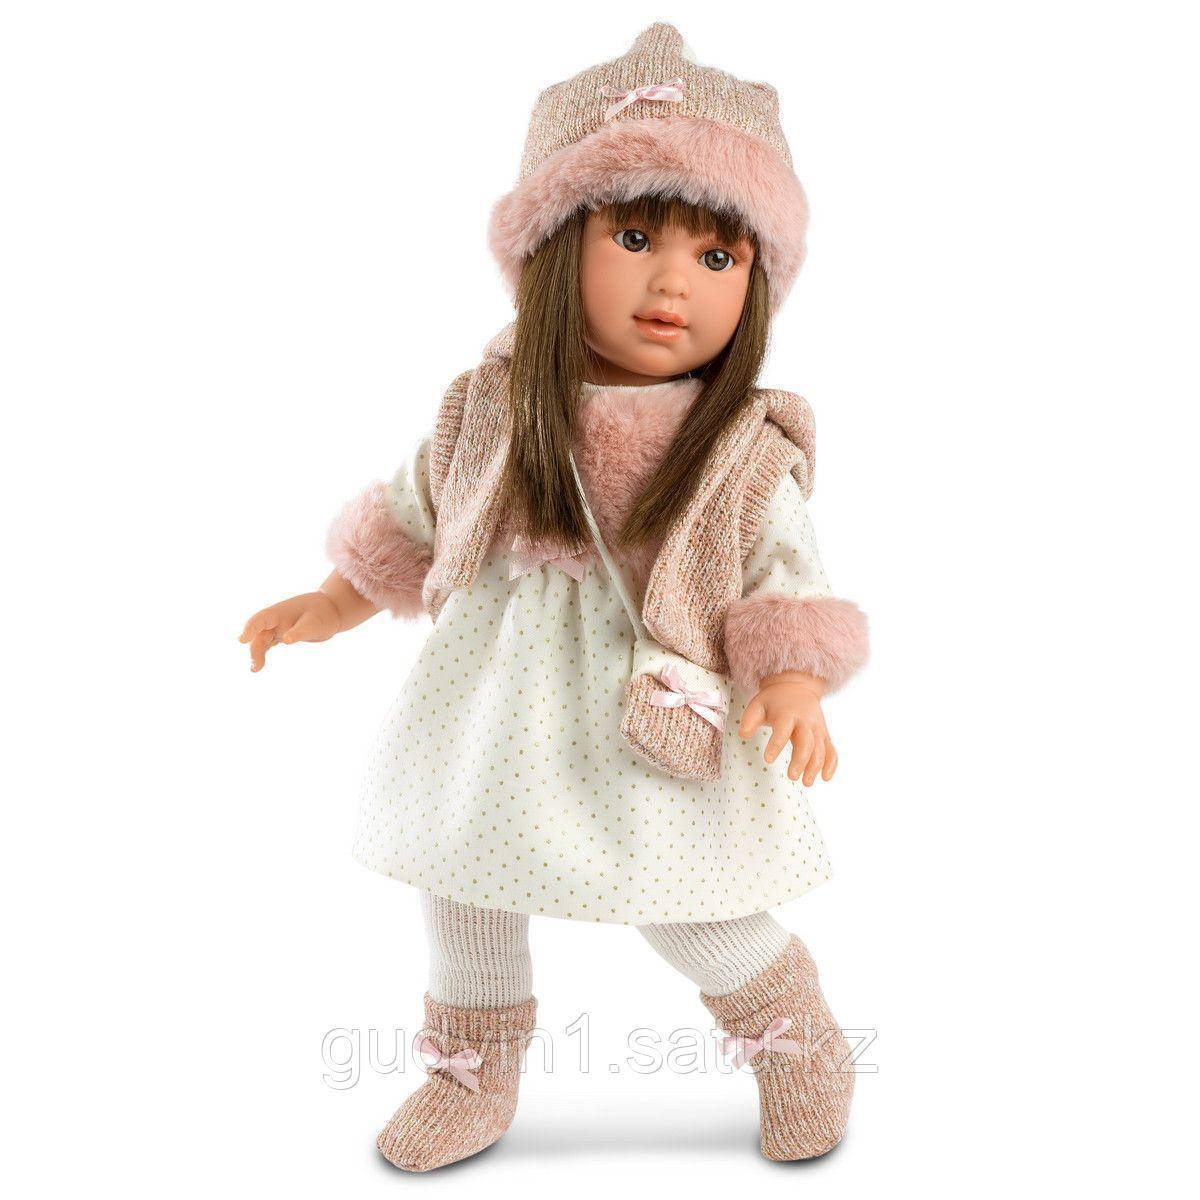 LLORENS: Кукла девочка в  желете и шапке